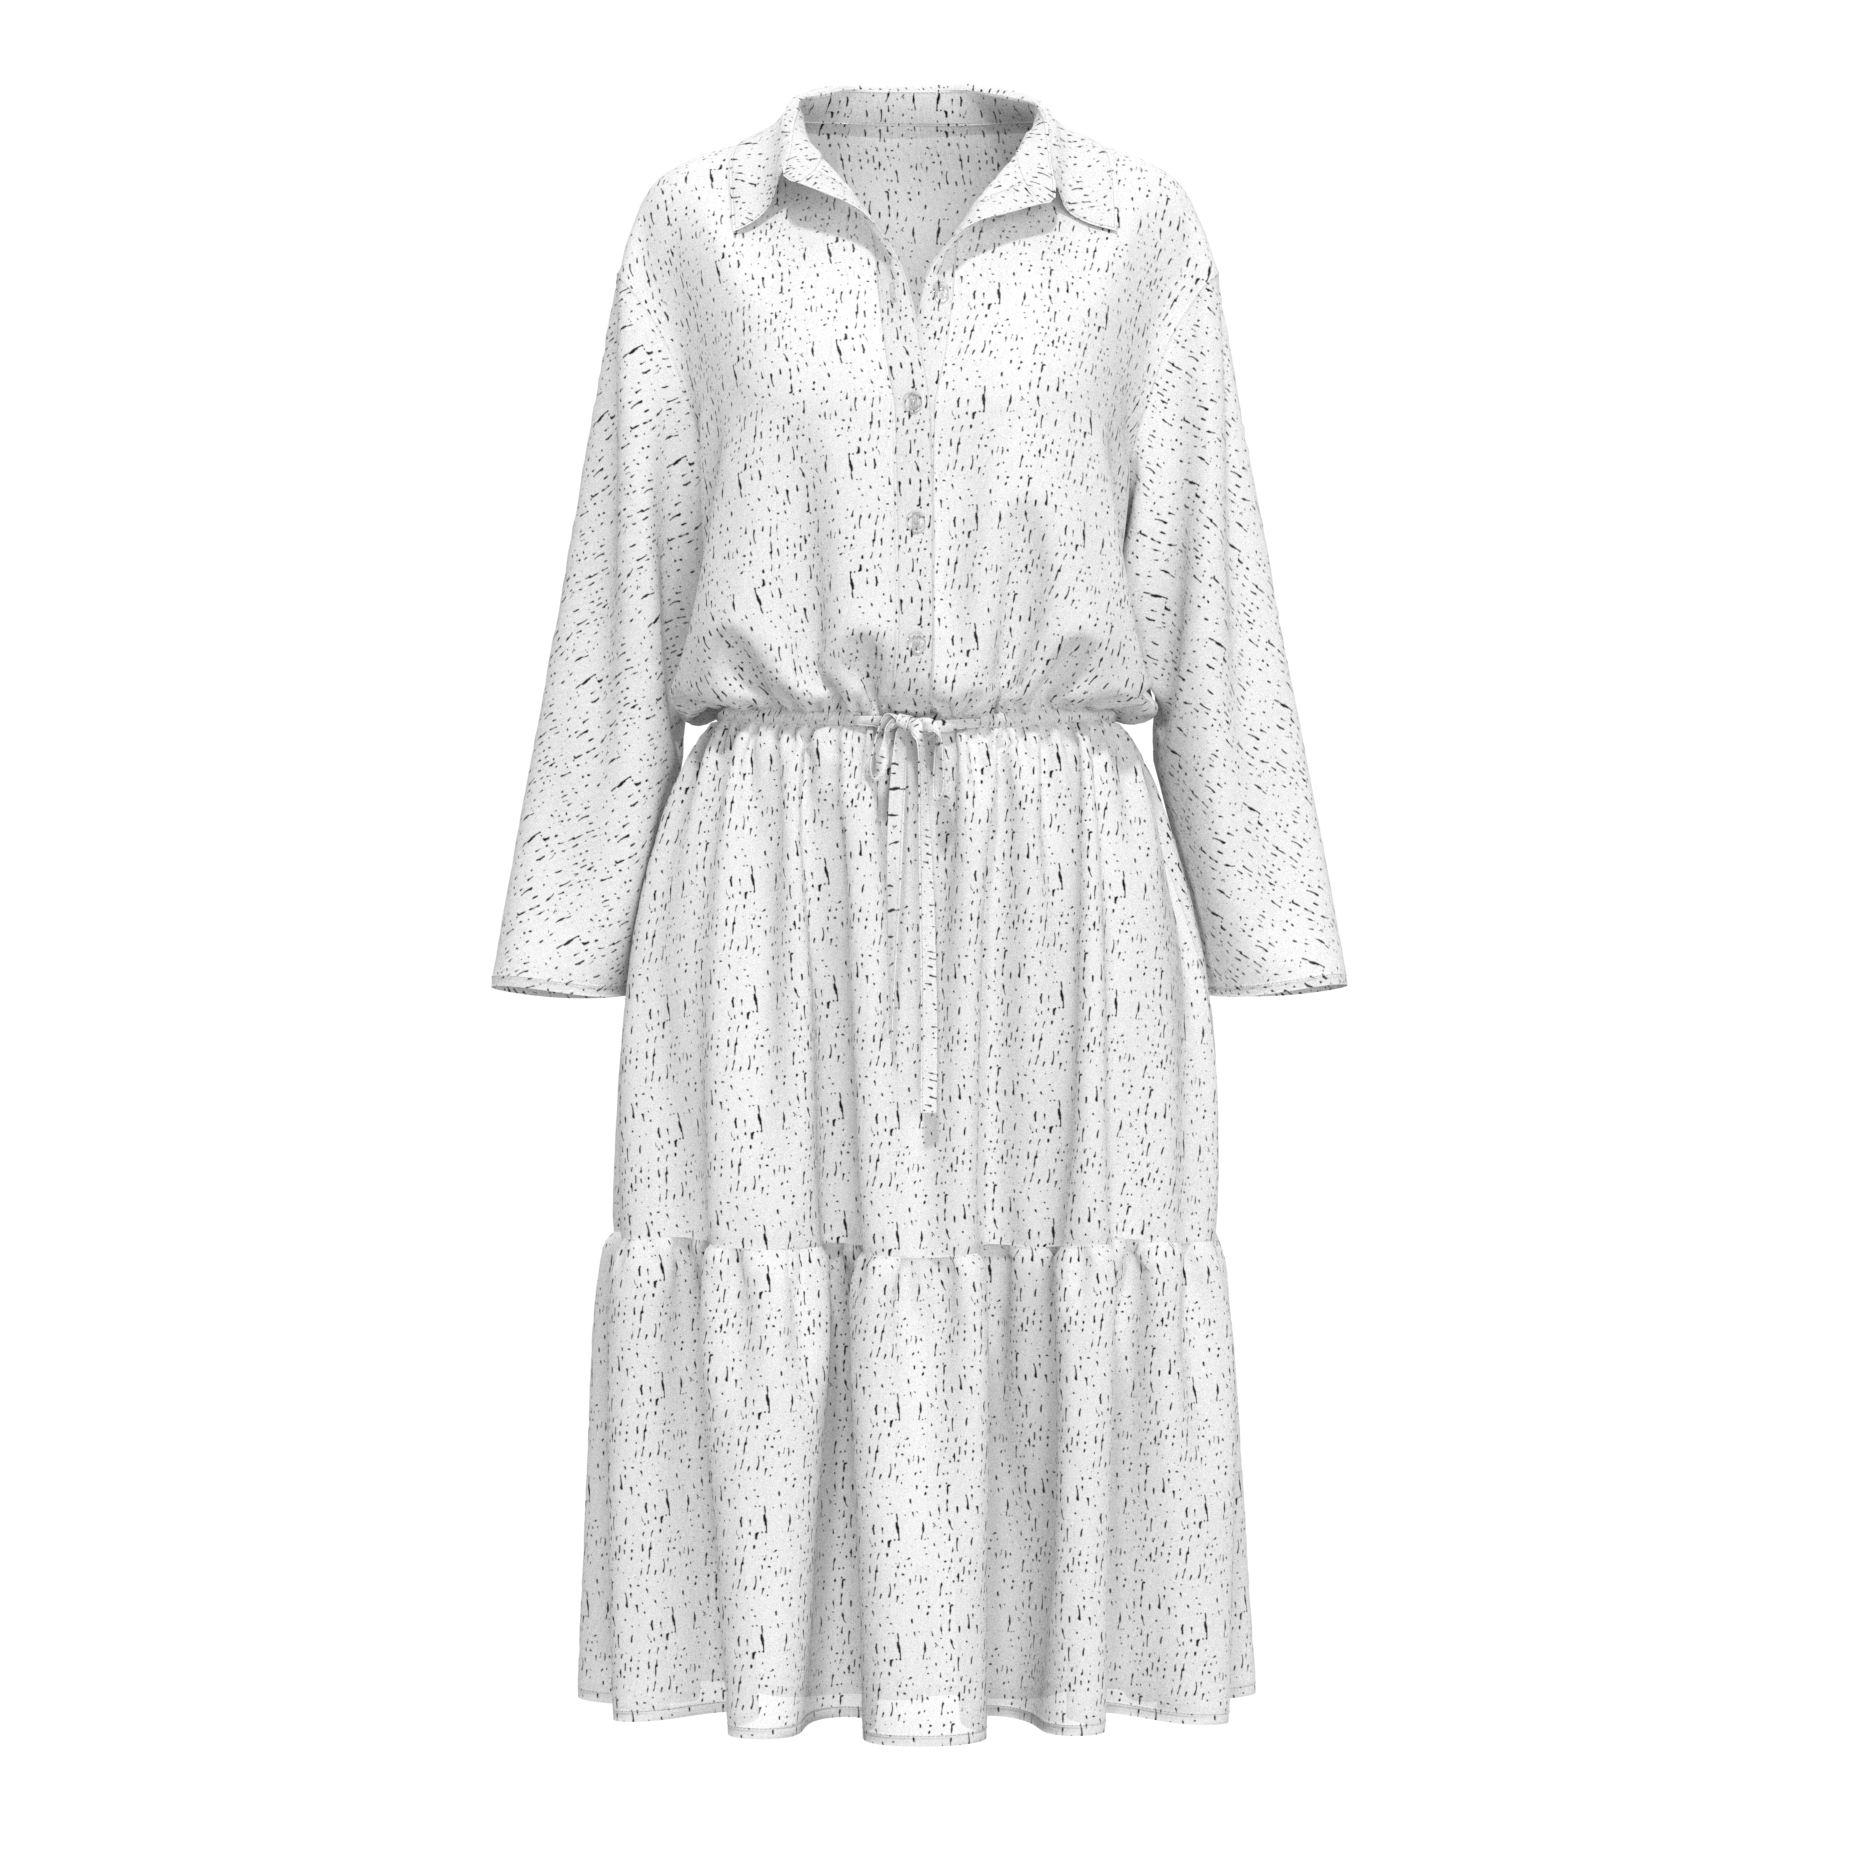 Grosshandel Abendkleider Aus Italien Kaufen Sie Die Besten Abendkleider Aus Italien Stucke Aus China Abendkleider Aus Italien Grossisten Online Alibaba Com